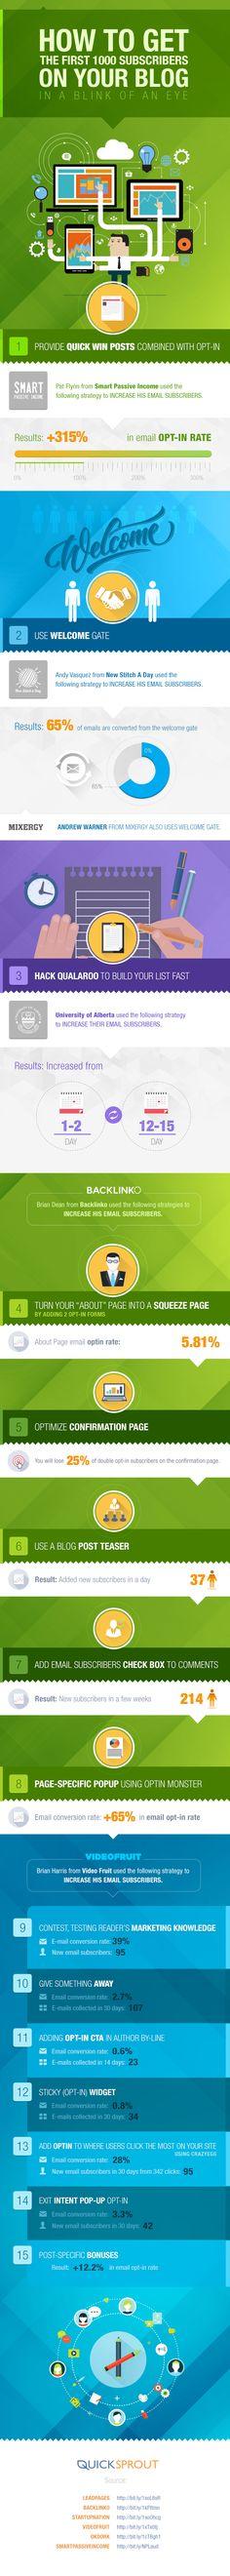 15 Tipps für mehr Newsletter-Abonnenten [Infografik]